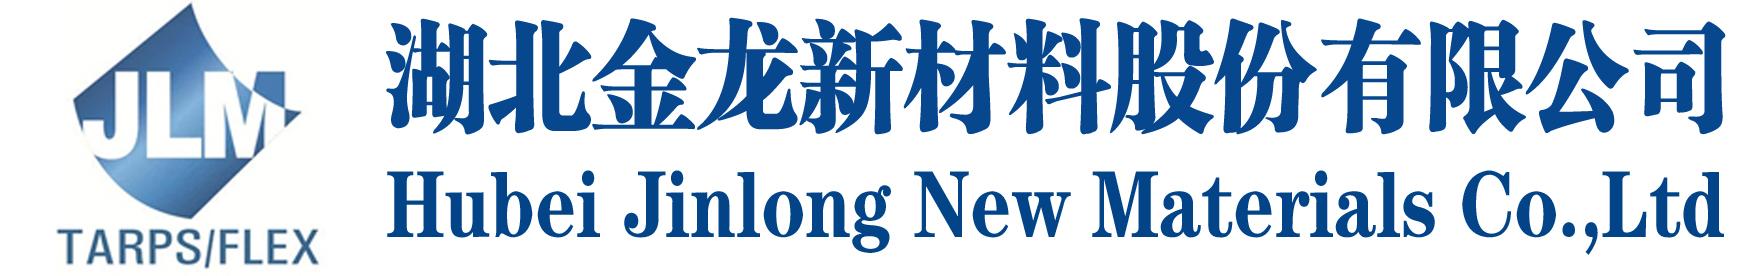 湖北金龙新材料股份有限公司